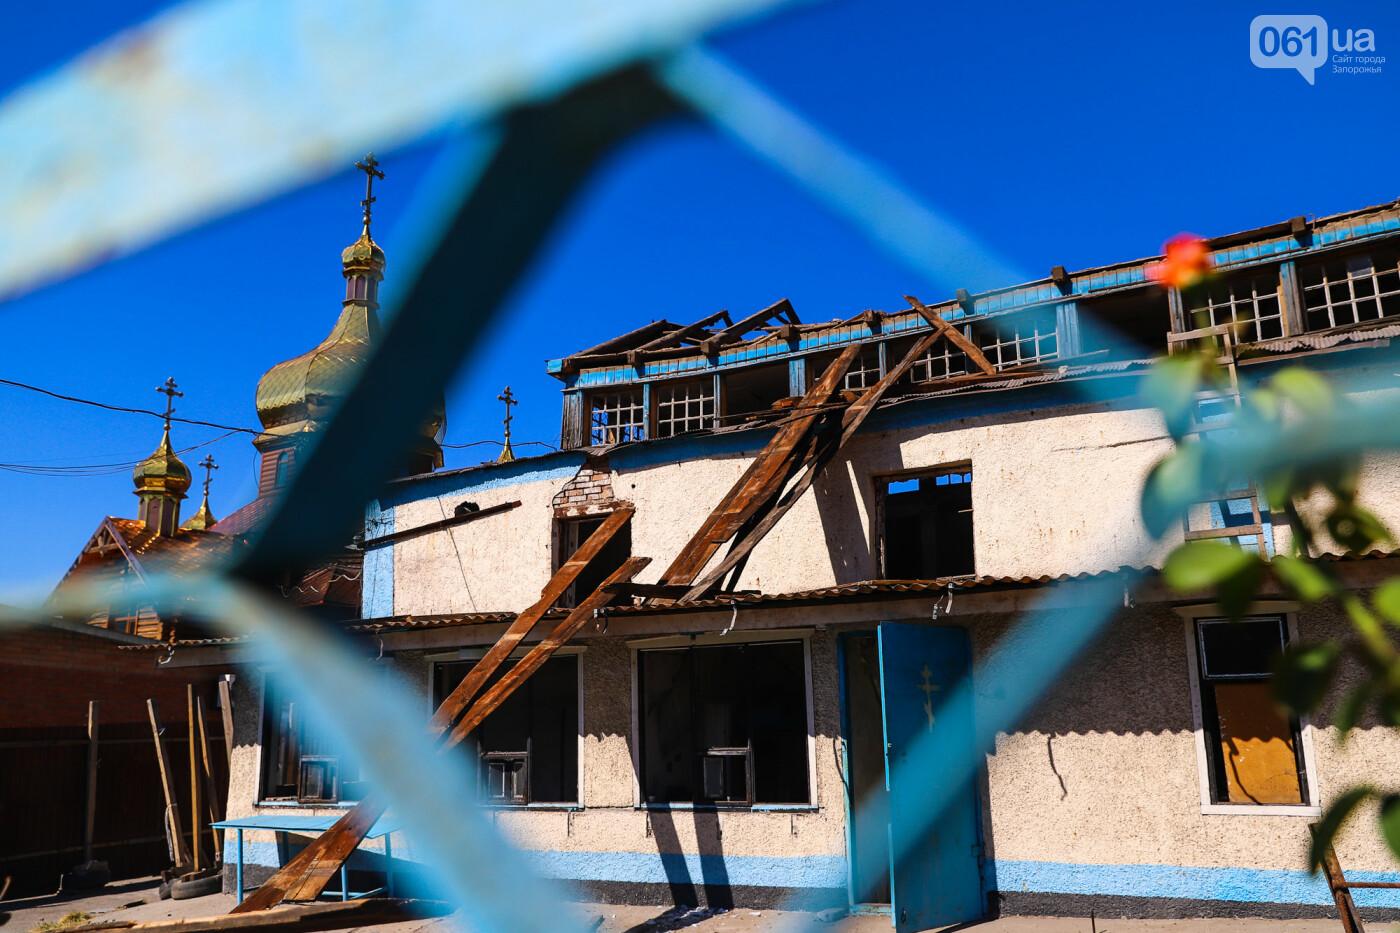 """""""Дело пономарей"""": в Запорожье начали разбирать храм, который пострадал в результате взрыва, - ФОТОРЕПОРТАЖ, фото-11"""